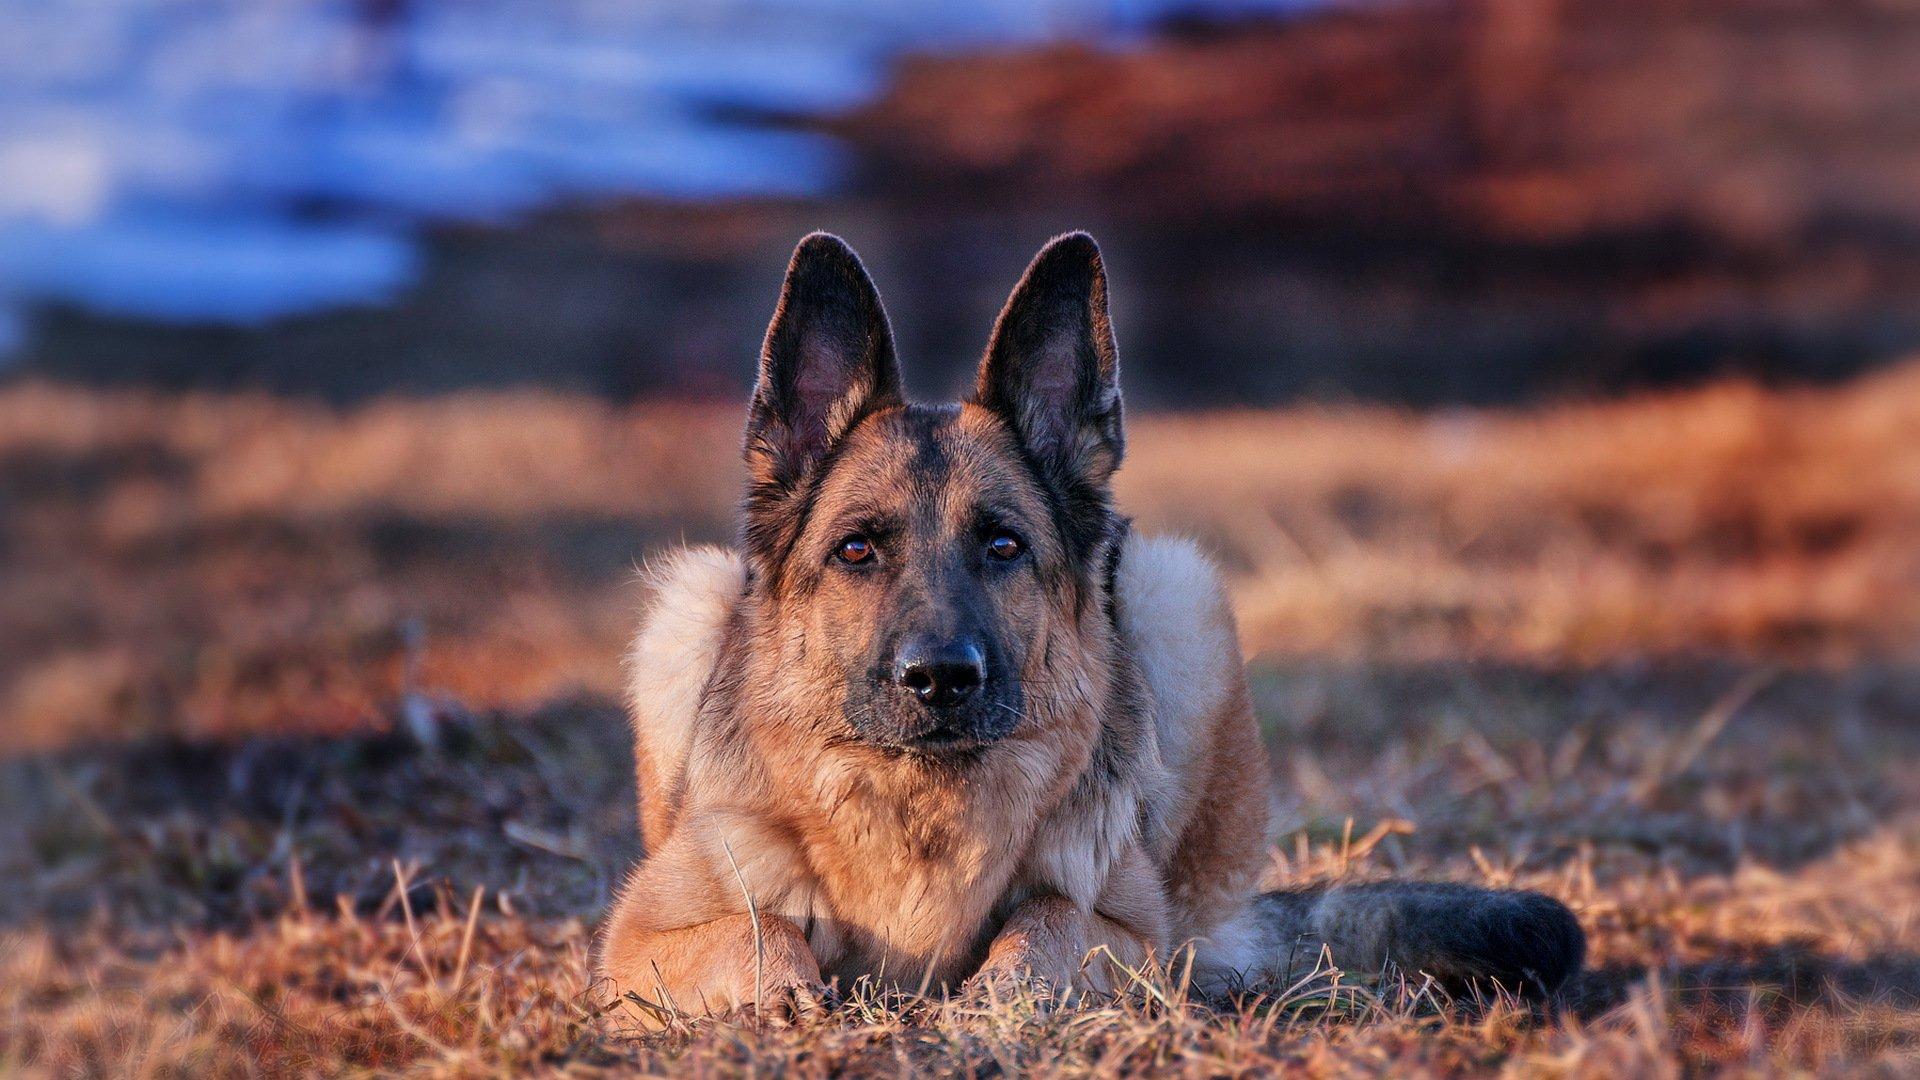 жилищах самые красивые собаки картинки на обои менее частое встречаемое